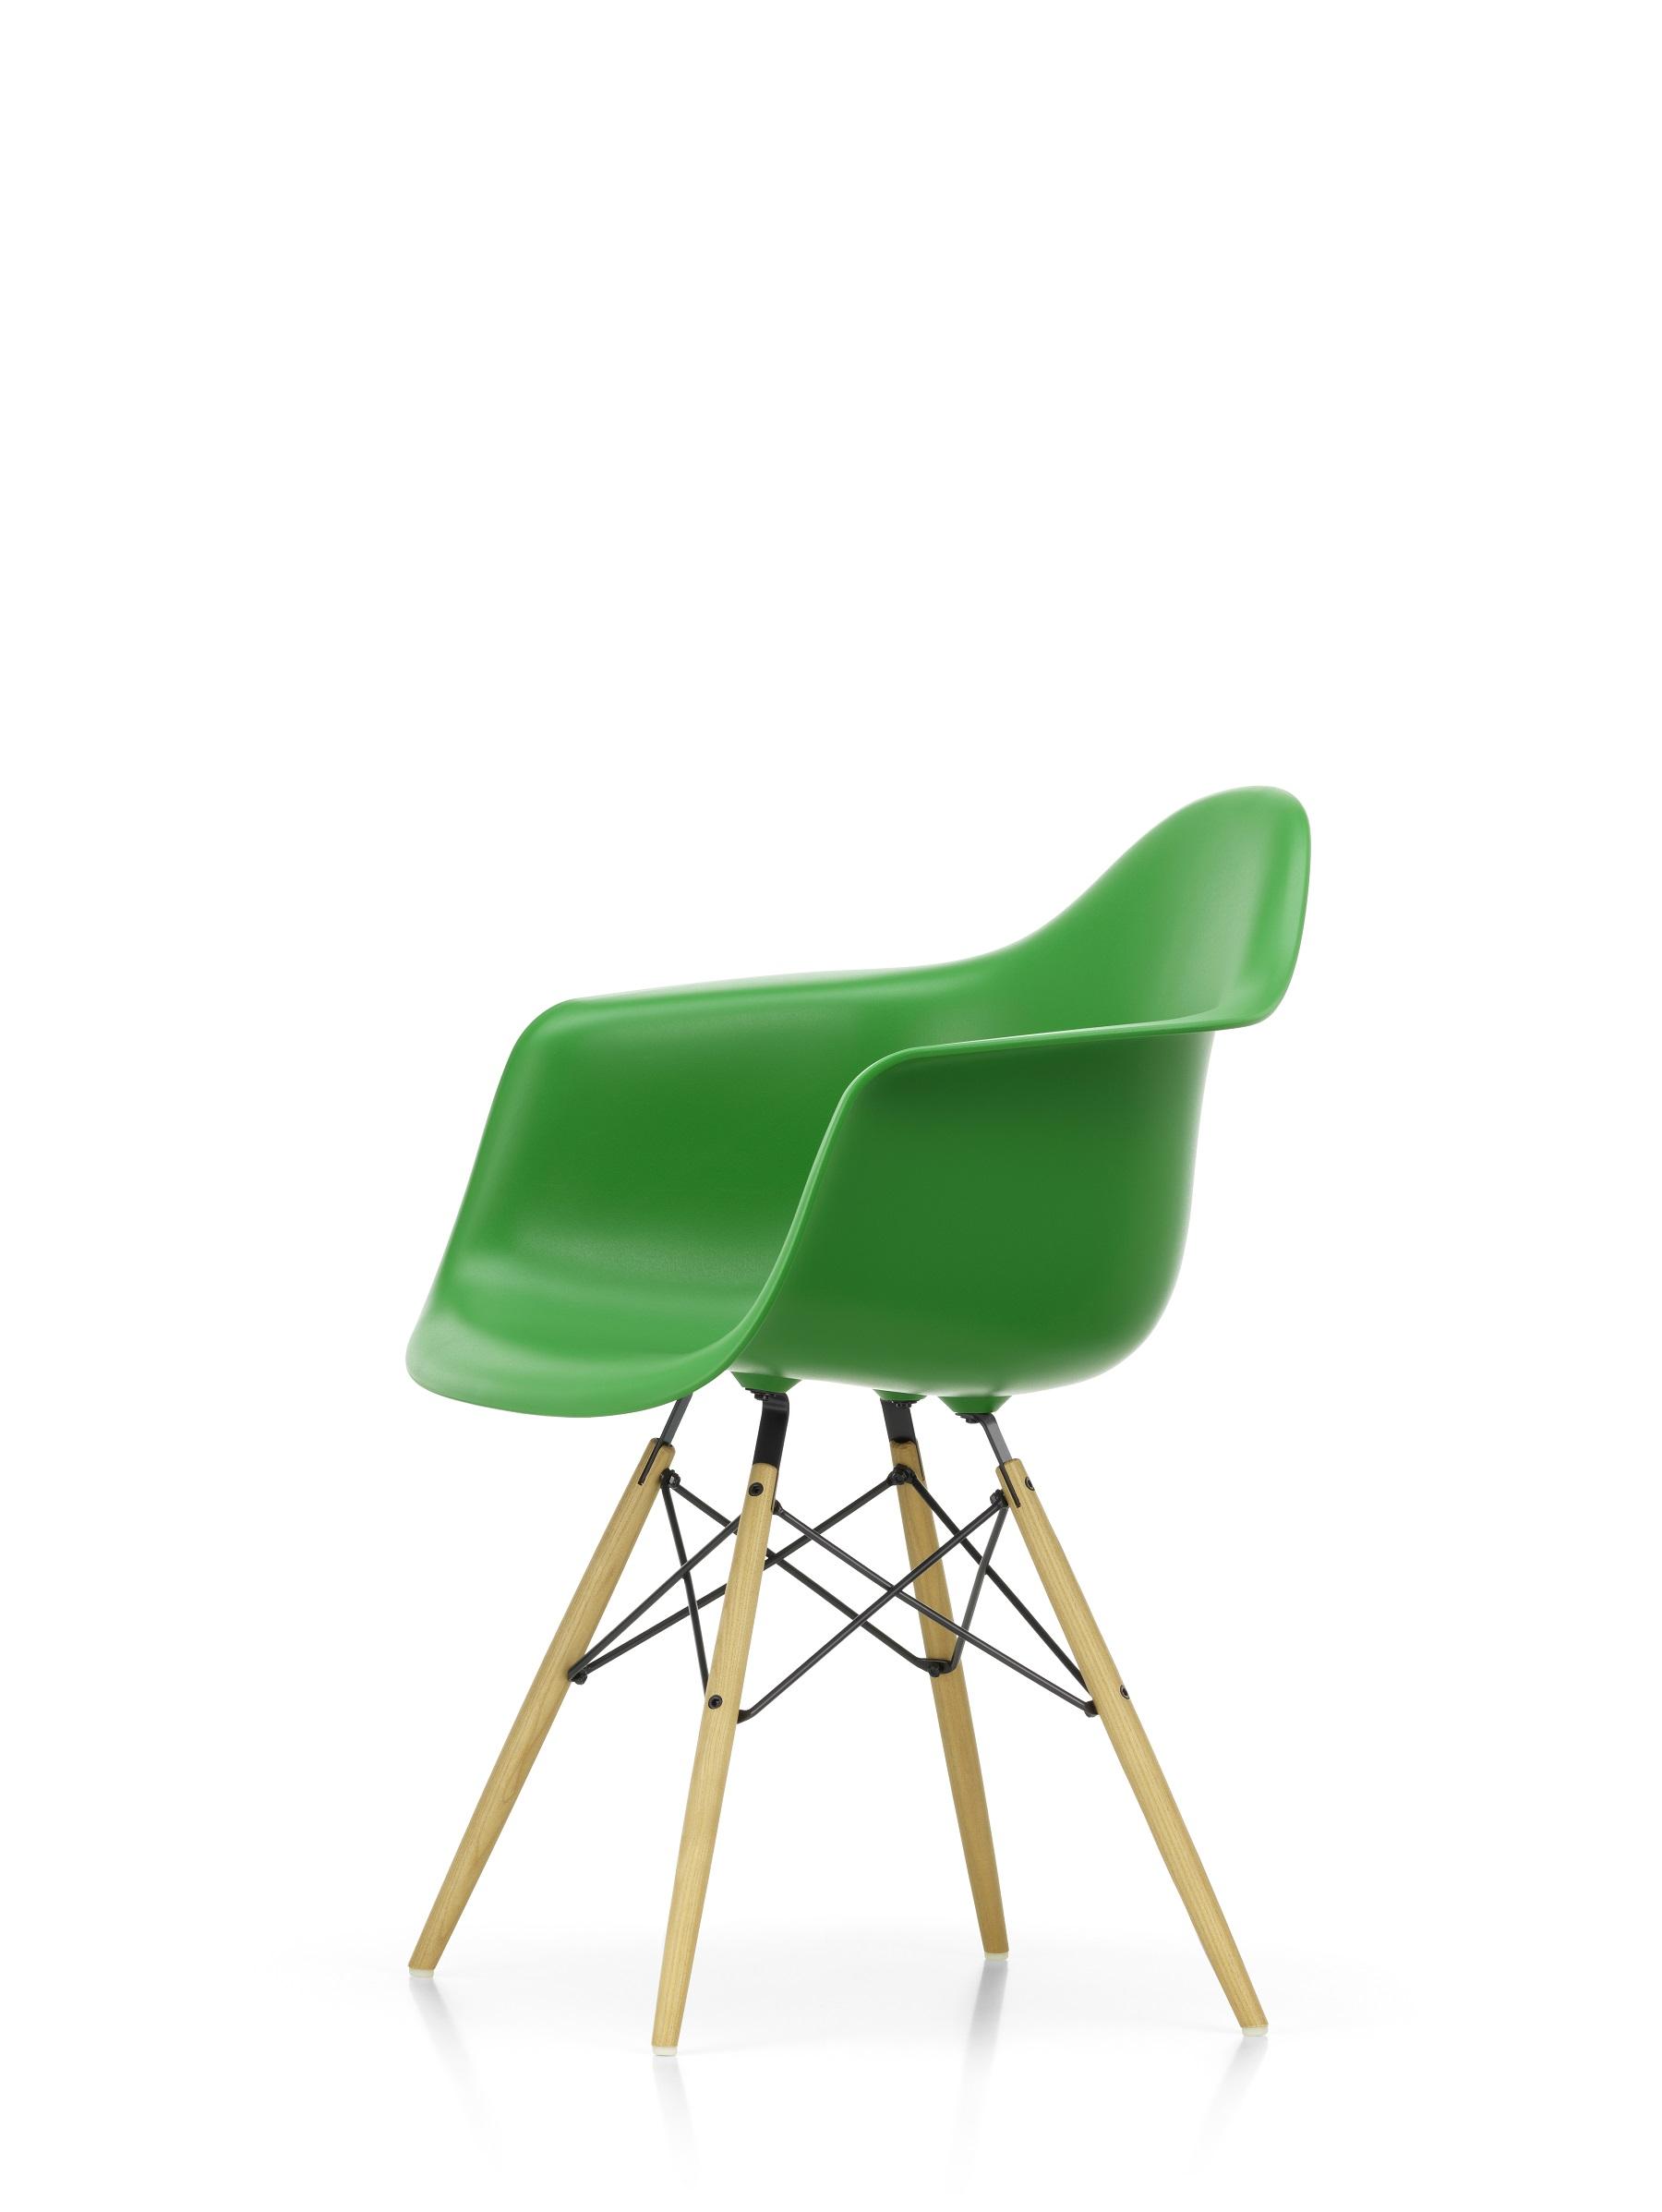 Lar Loungie Im Wert Von 439 Eur Geschenkt Jetzt Der Vitra Eames Daw In Der Aktion Designikonen Designmobel Shop